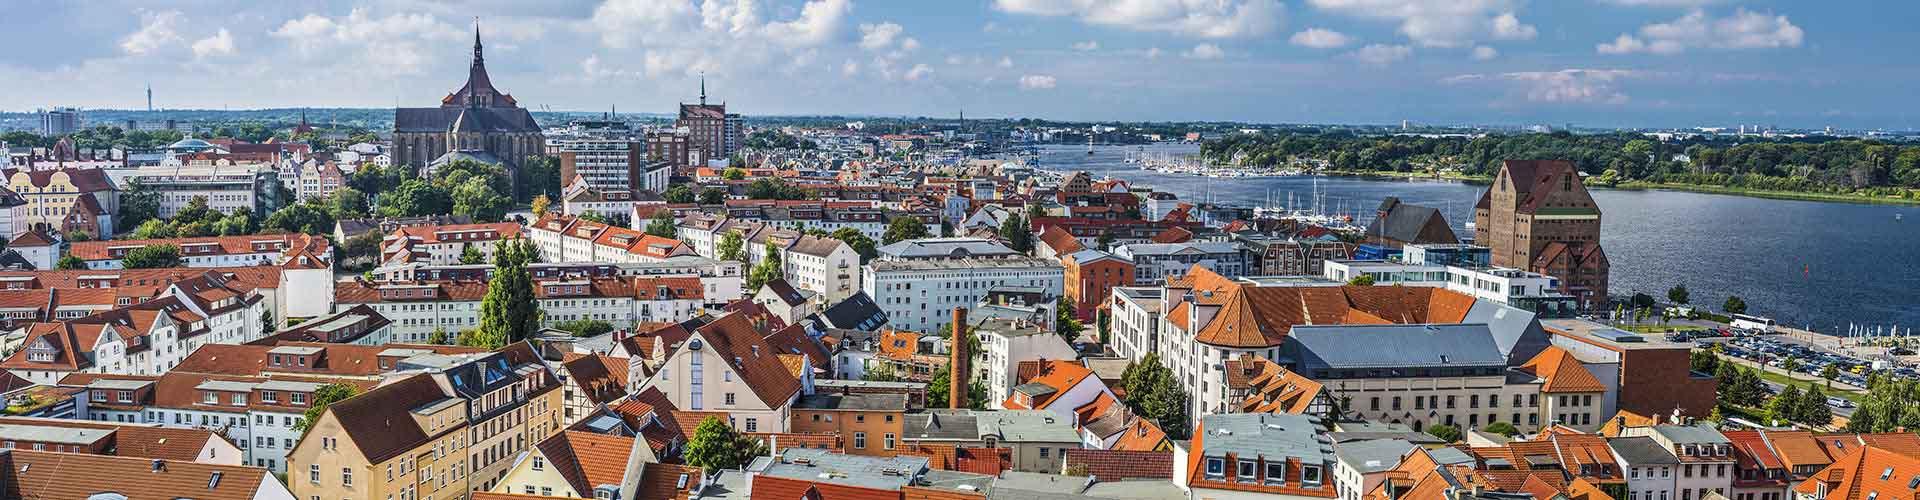 Rostock – Hotéis em Rostock. Mapas para Rostock, Fotos e Avaliações para cada Hotel Rostock.